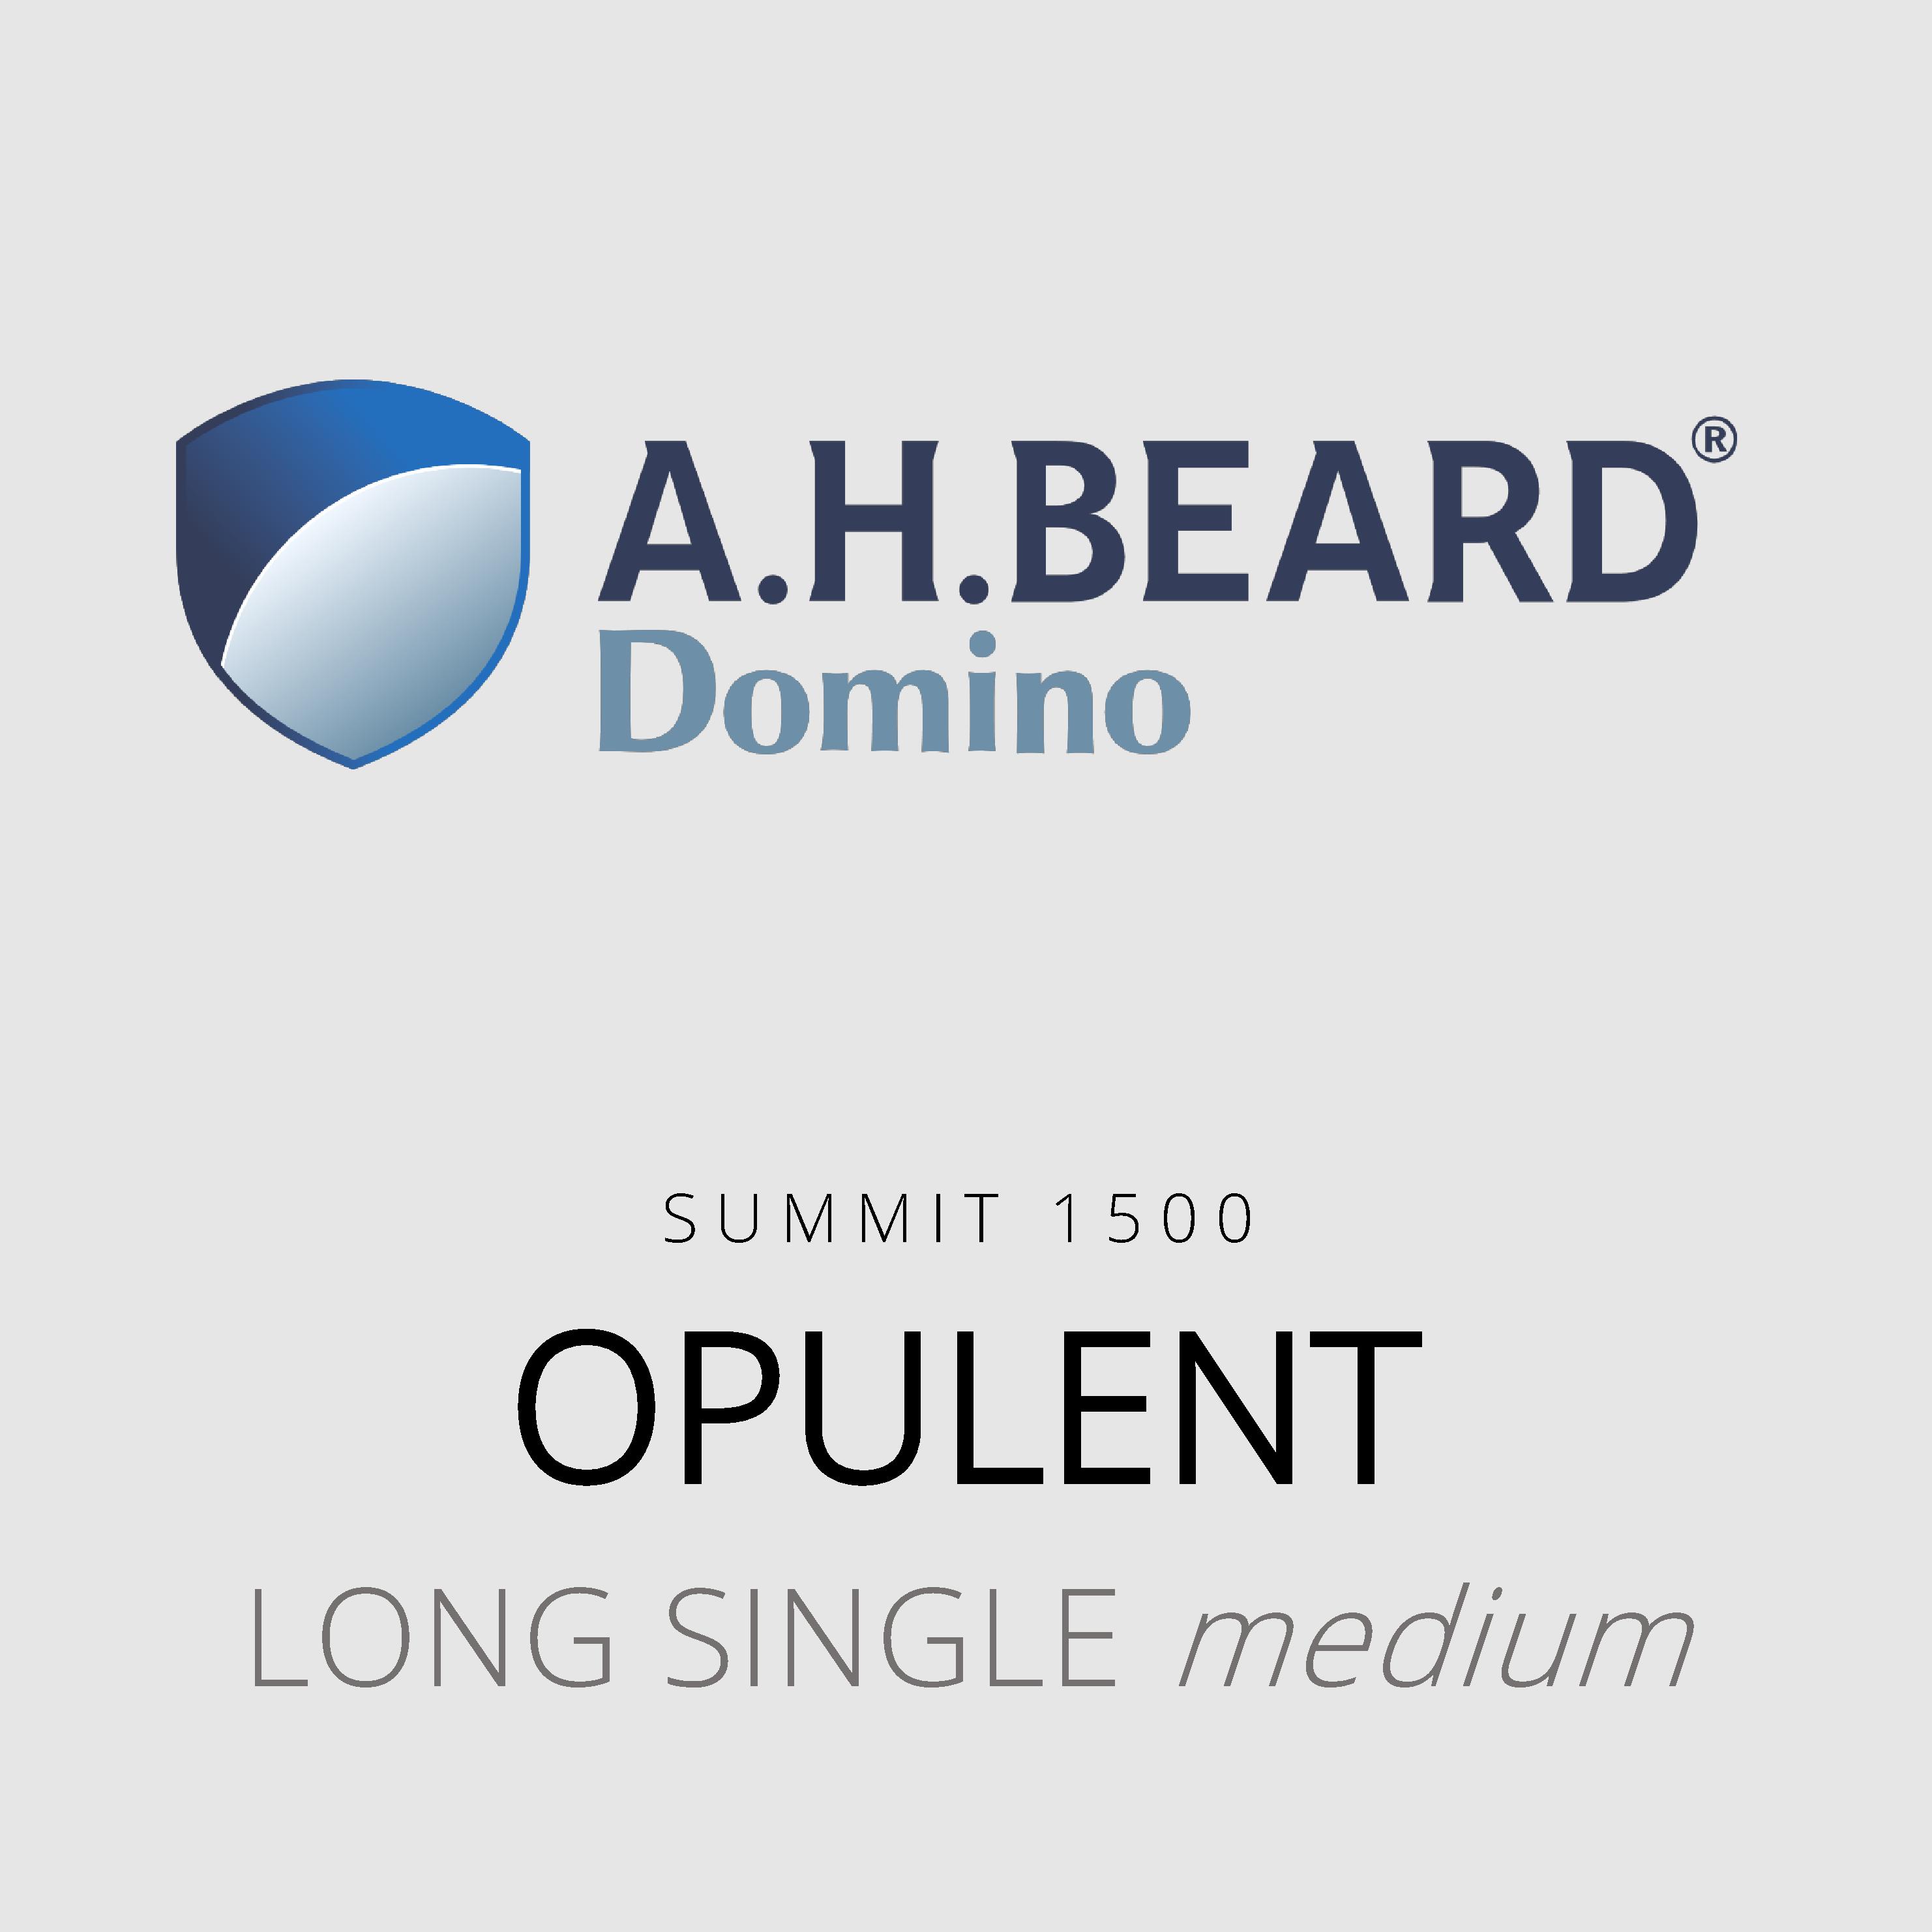 AH Beard Domino – Opulent – Summit 1500 – Long Single Medium Mattress